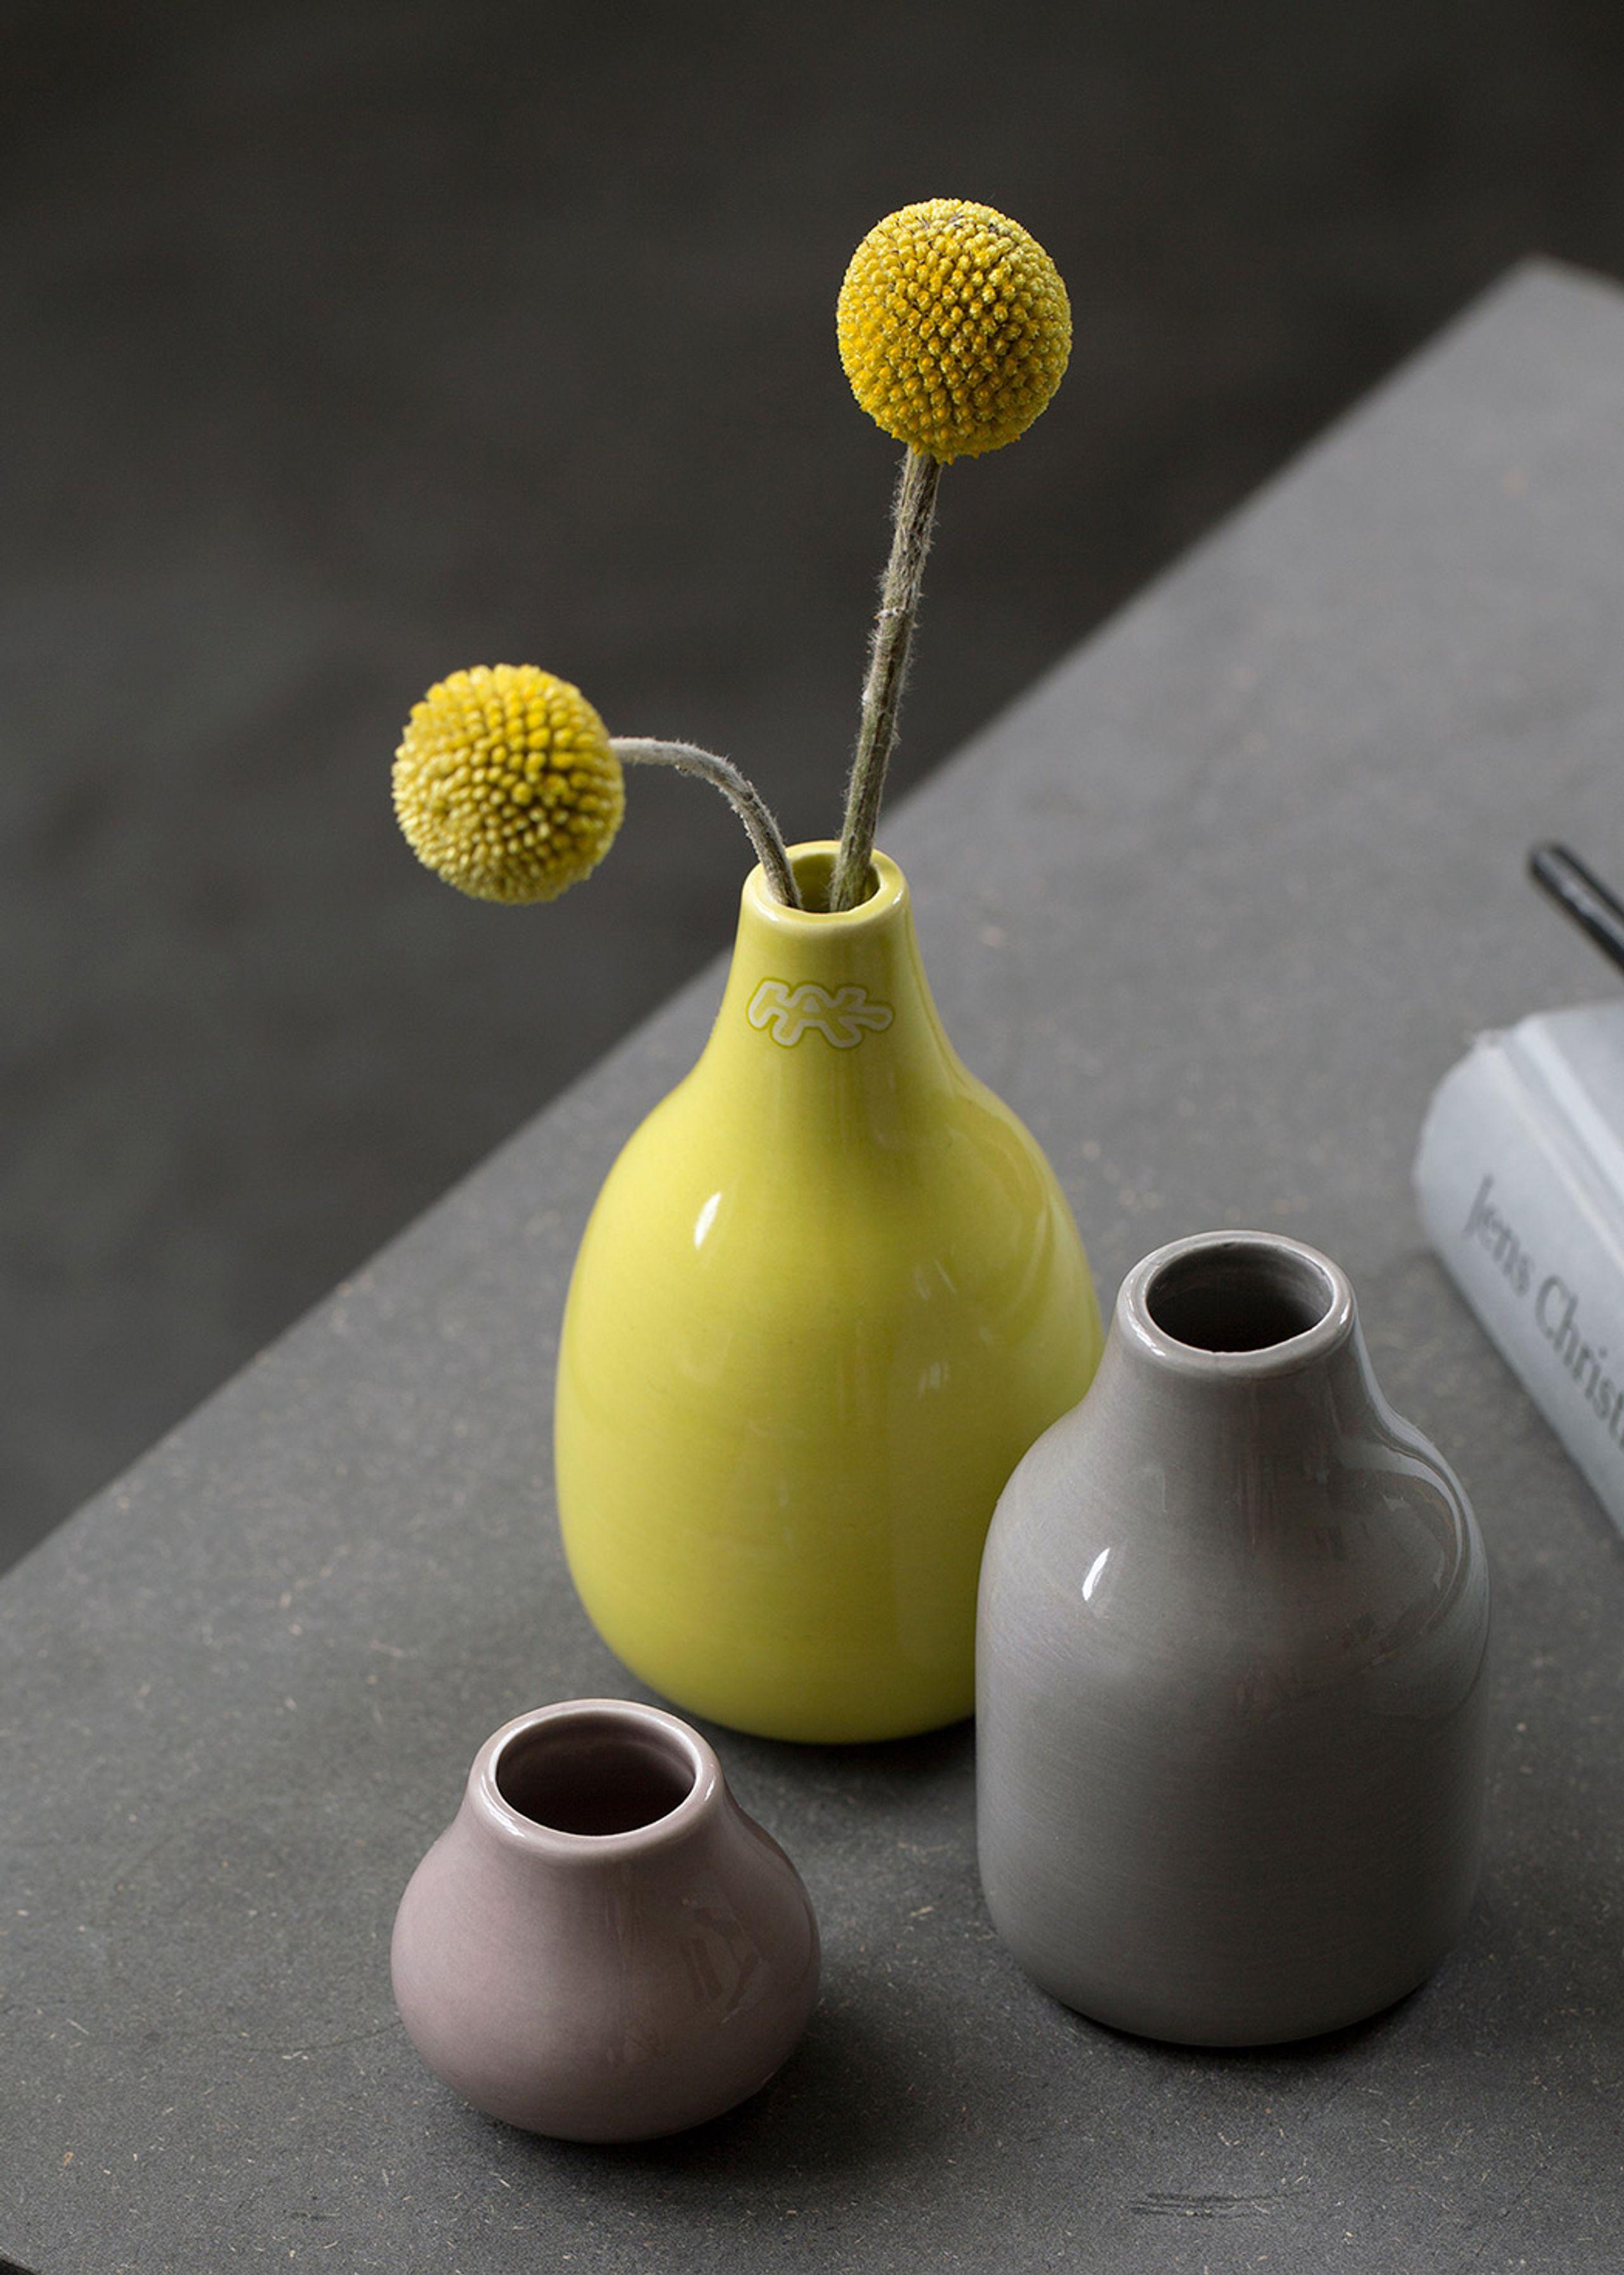 botanica miniature 3 pak vase k hler. Black Bedroom Furniture Sets. Home Design Ideas